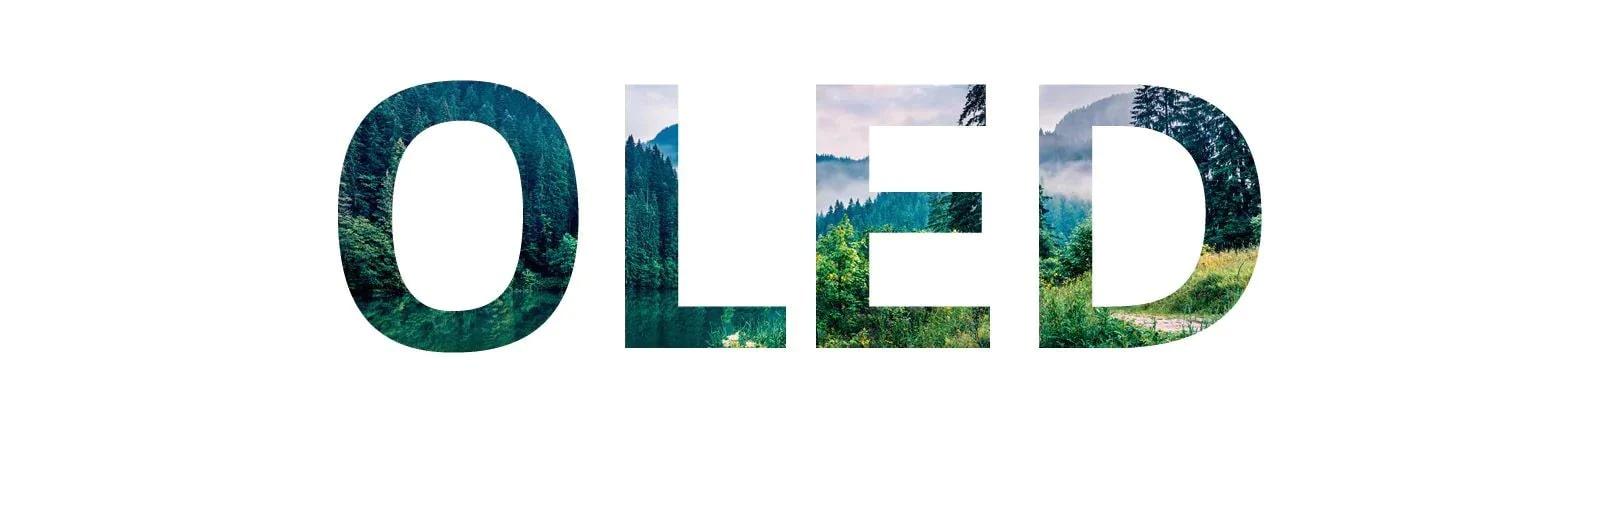 Слово OLED, наполненное изображением природы, перемещающееся из правого угла (просмотр видео)